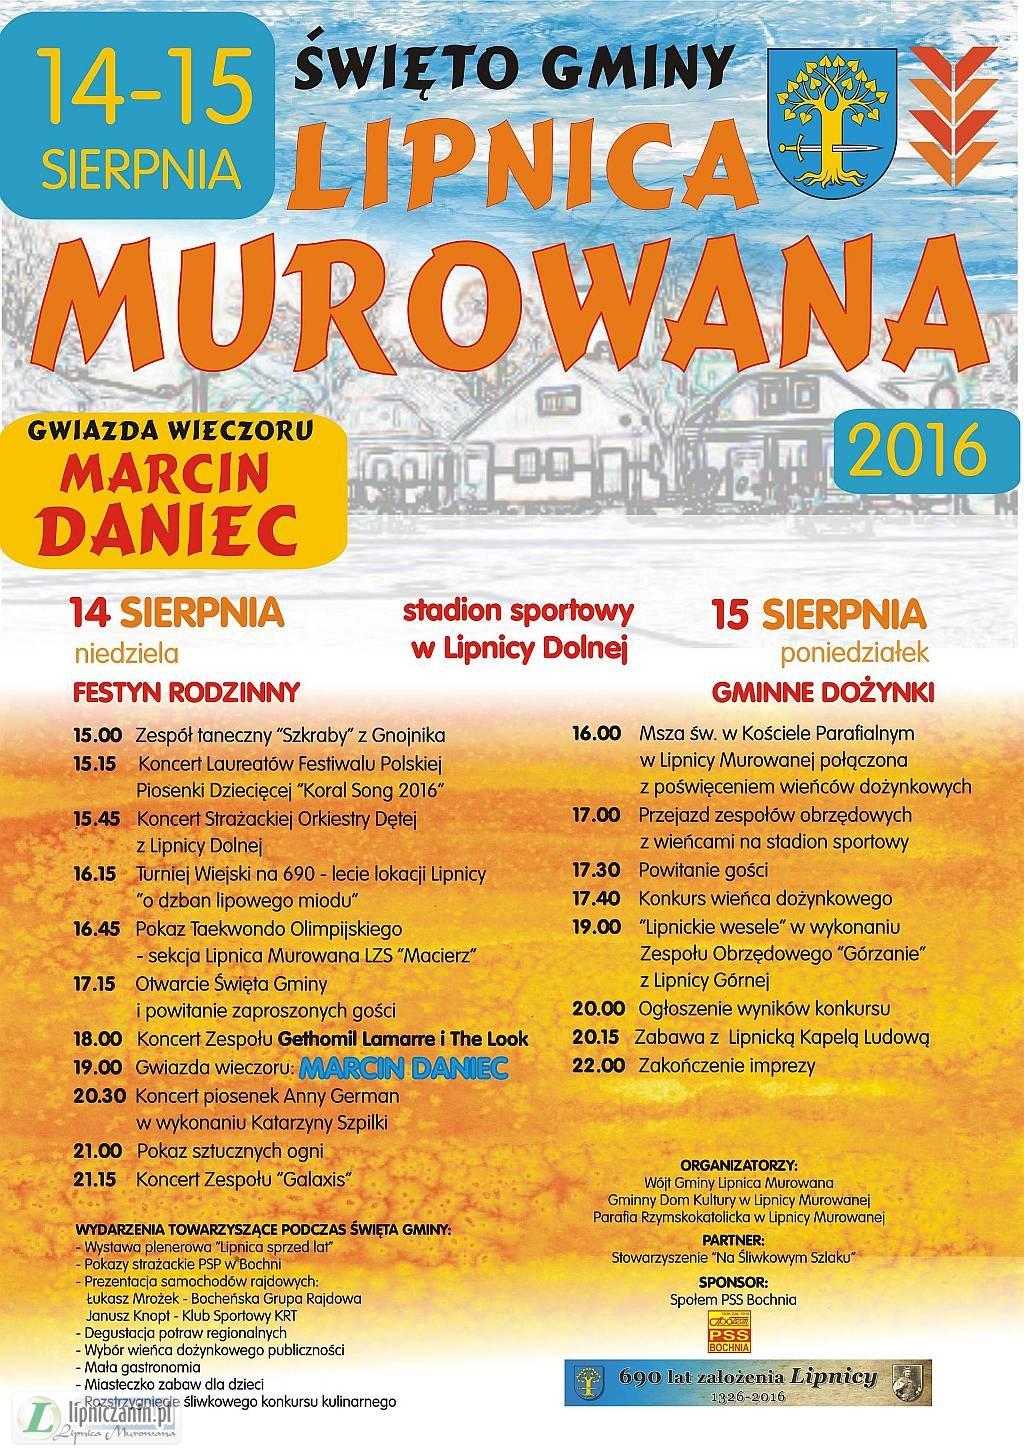 14-15 sierpnia (niedziela-poniedziałek) Święto Gminy Lipnica Murowana